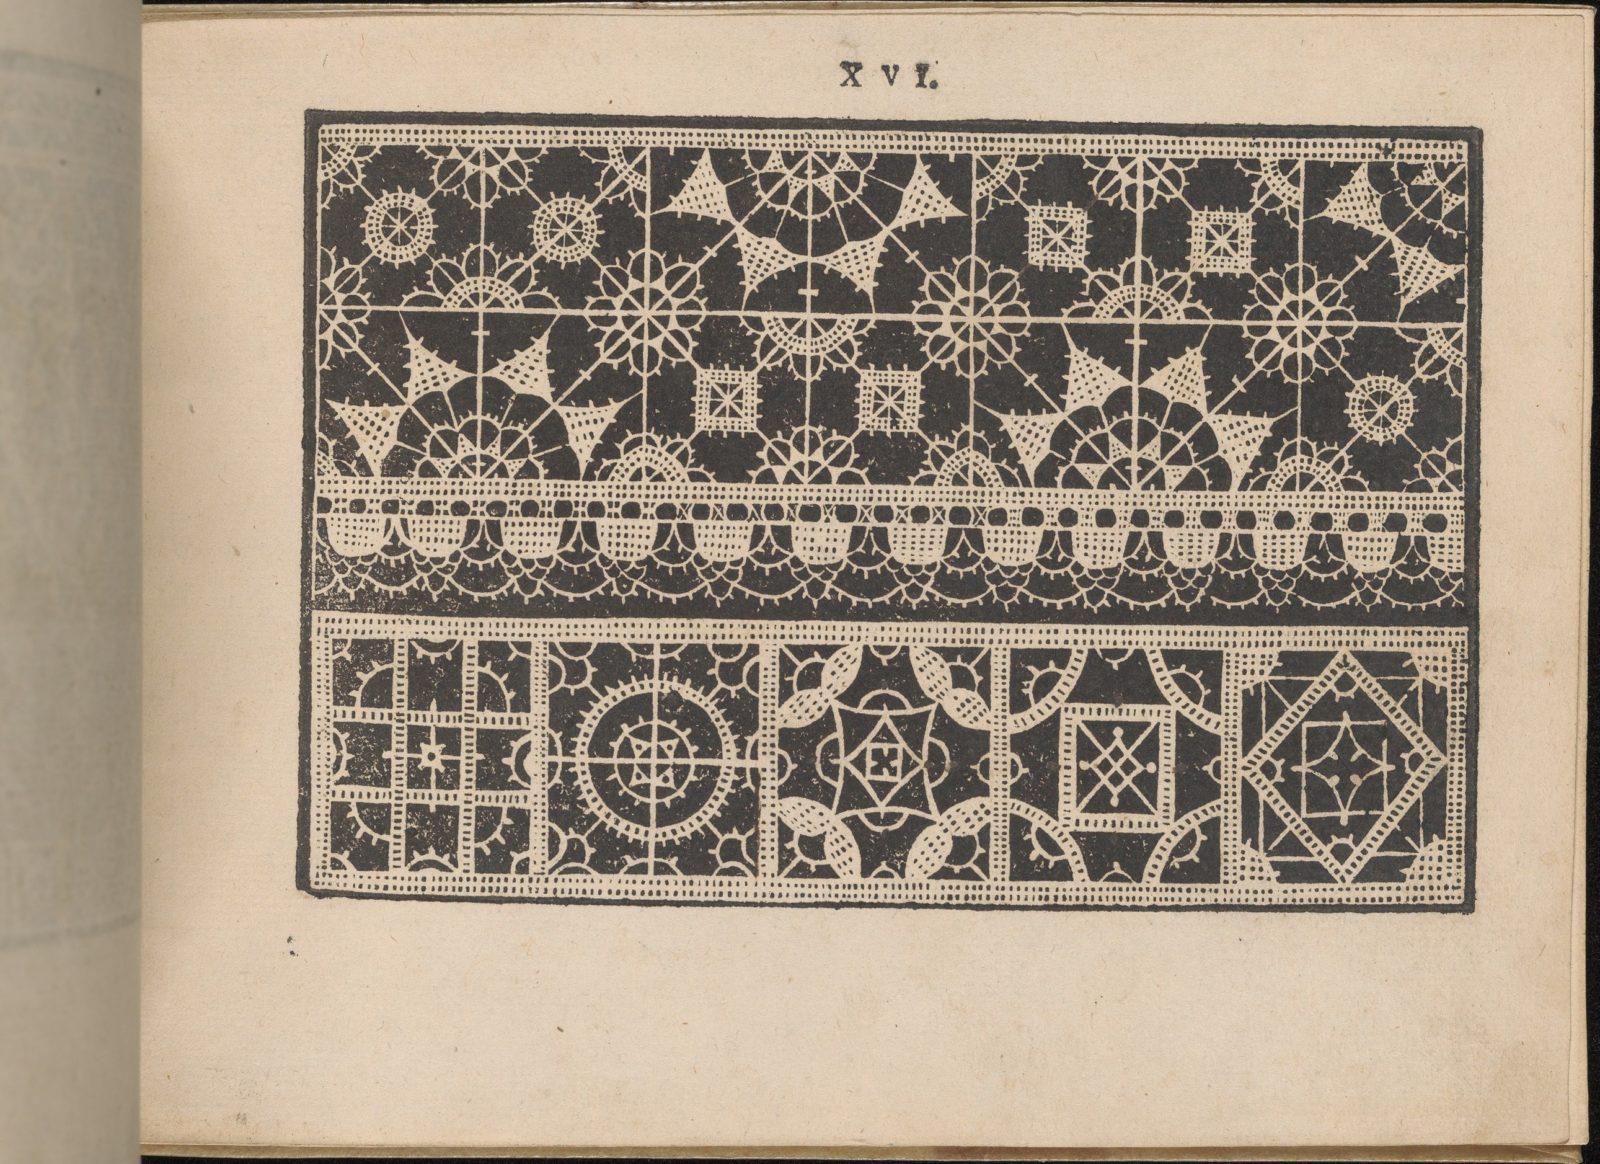 Prima Parte de' Fiori, e Disegni di varie sorti di Ricami Moderni, page 16 (recto)